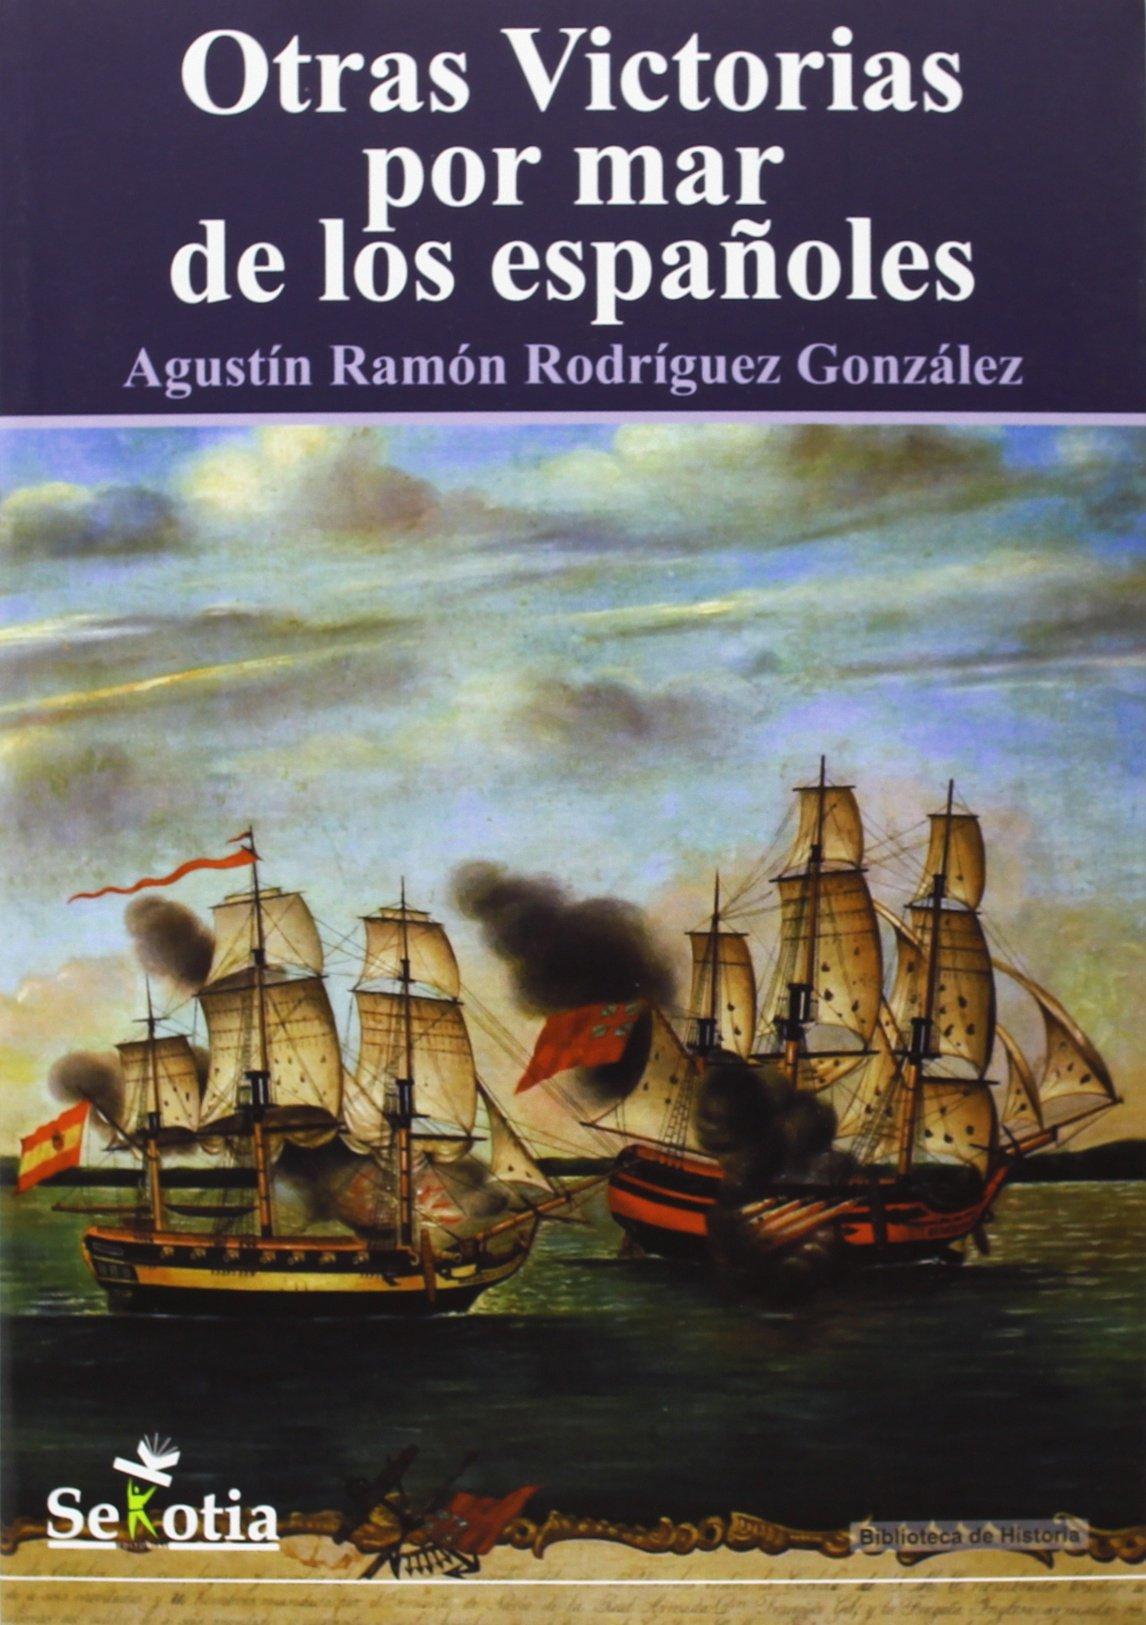 Otras victorias por mar de los españoles Tapa blanda – 14 feb 2014 Sekotia S.L. 8494182919 Spain Boating